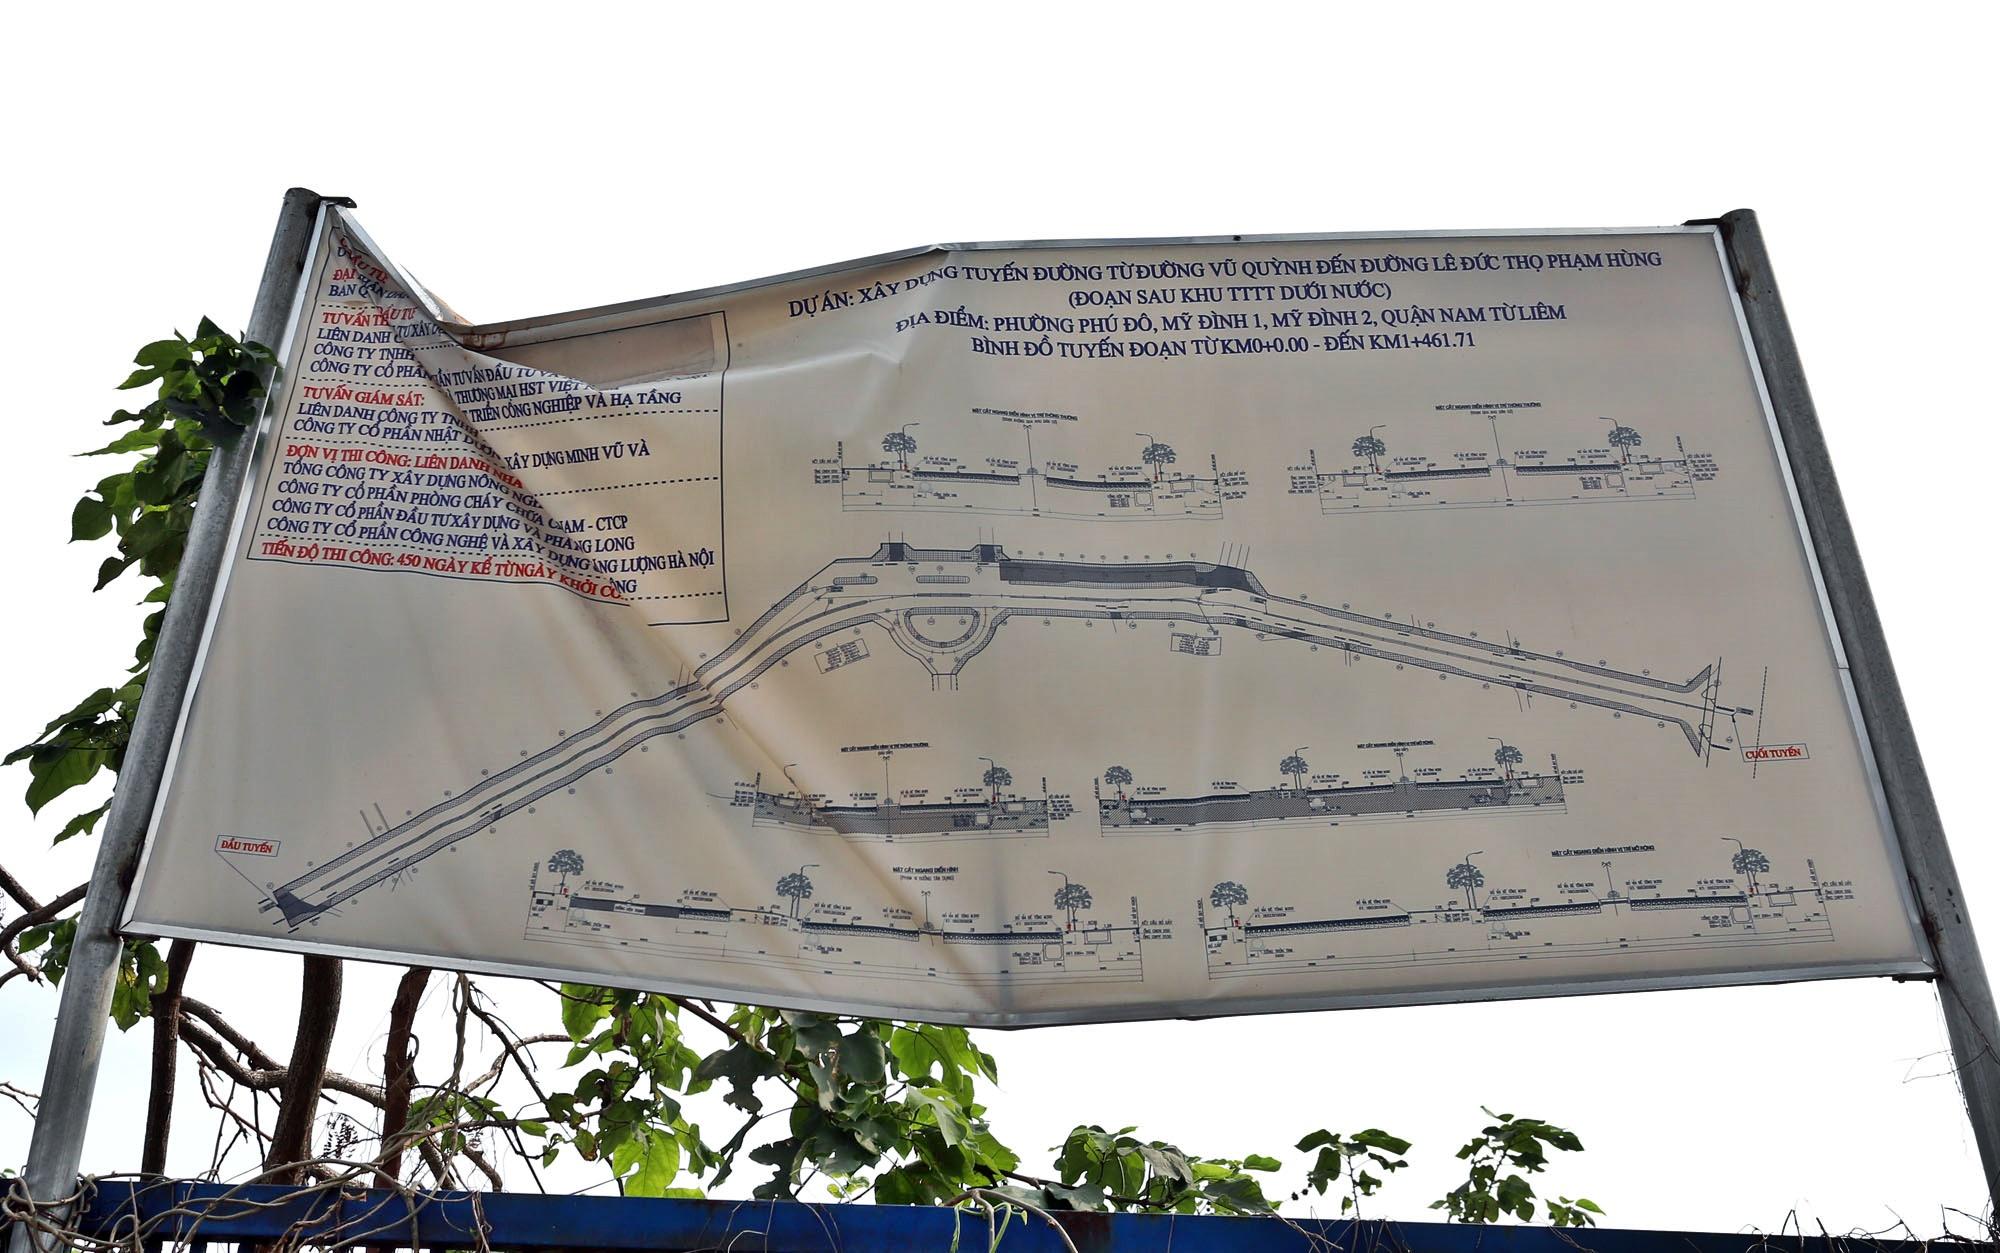 Toàn cảnh đường từ Vũ Quỳnh đến Lê Đức Thọ - Phạm Hùng đang mở theo quy hoạch ở Hà Nội - Ảnh 14.